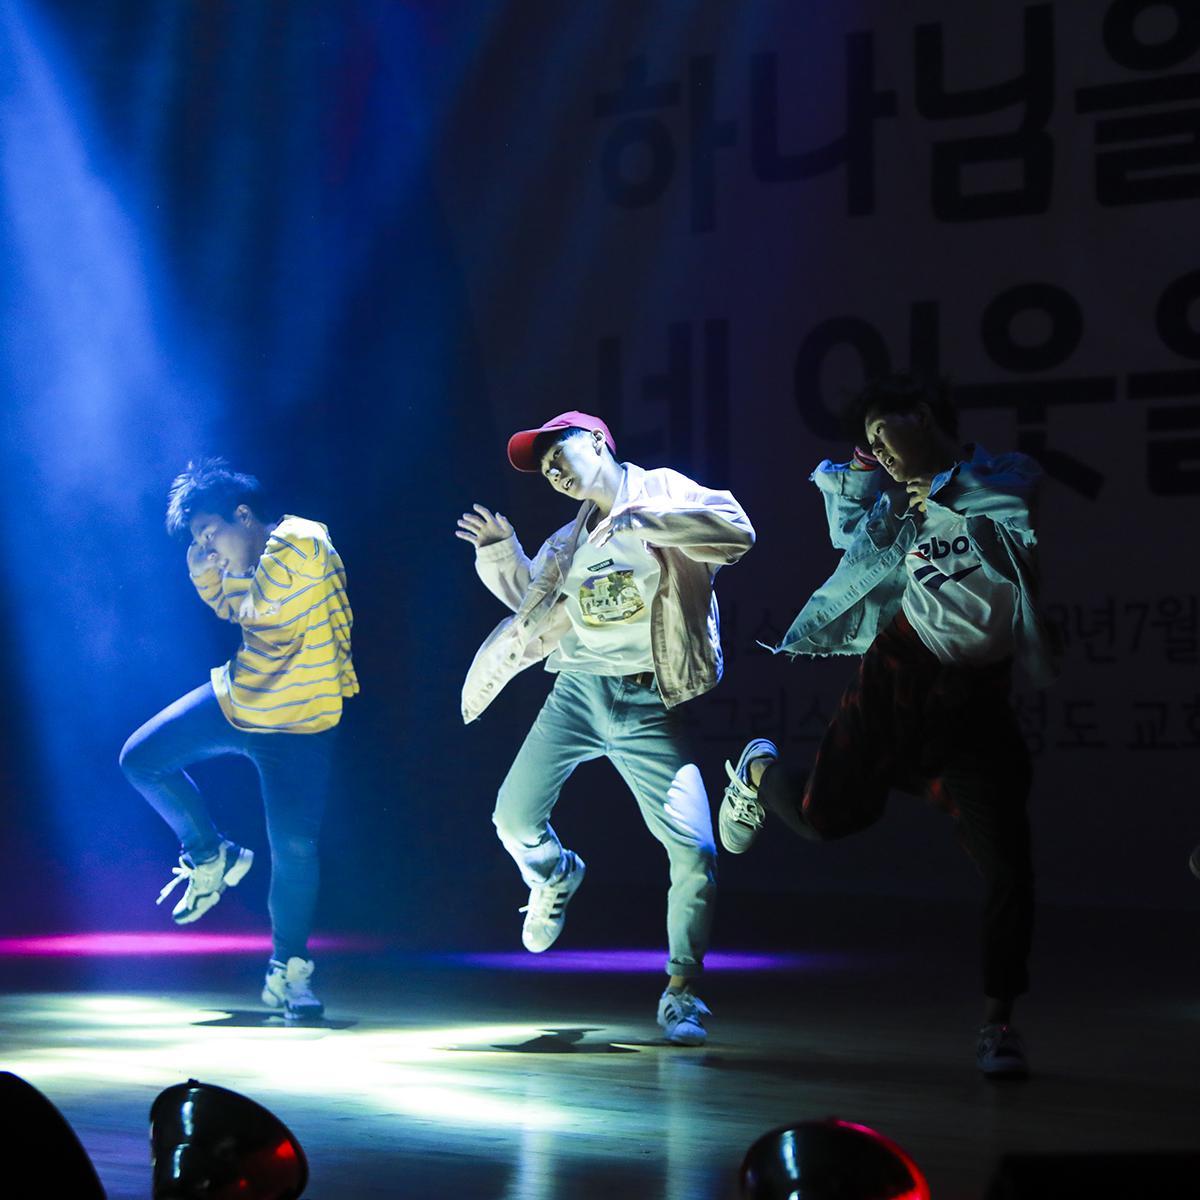 버라이어티 쇼에서 춤추는 참가자들 3